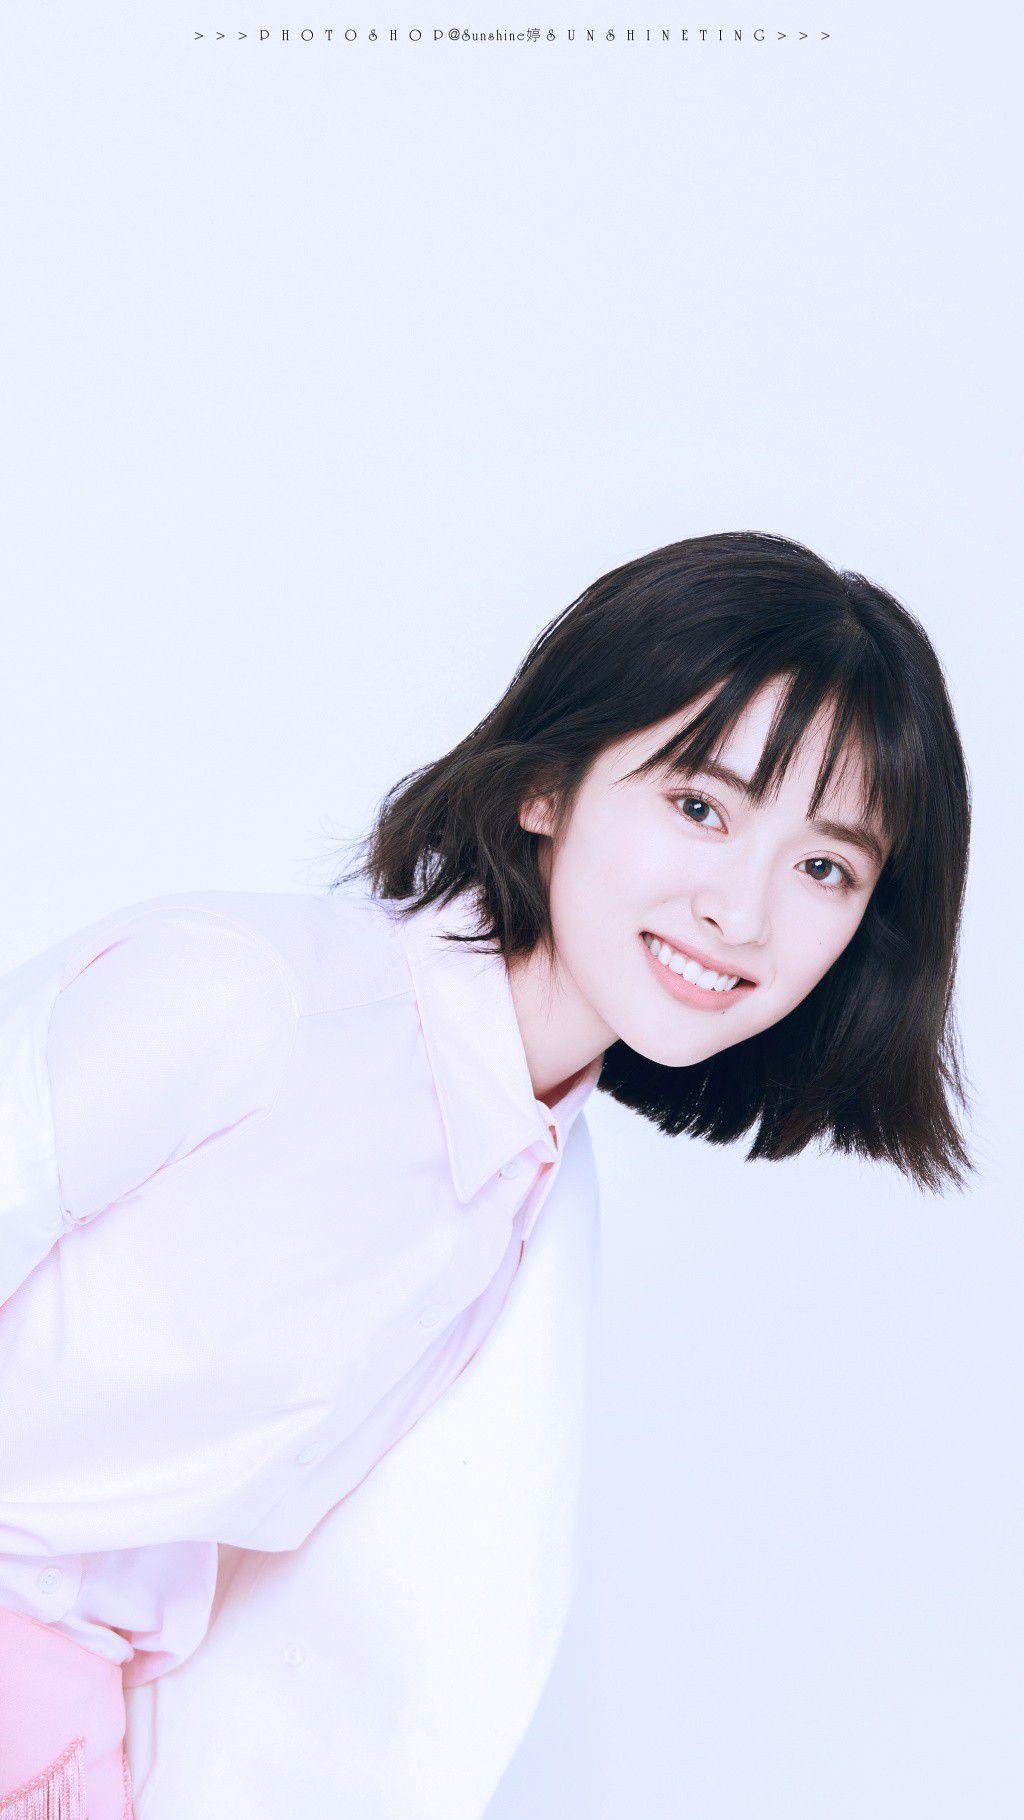 Truy lùng thông tin dàn diễn viên Vườn sao băng 2018 Trung Quốc (3)